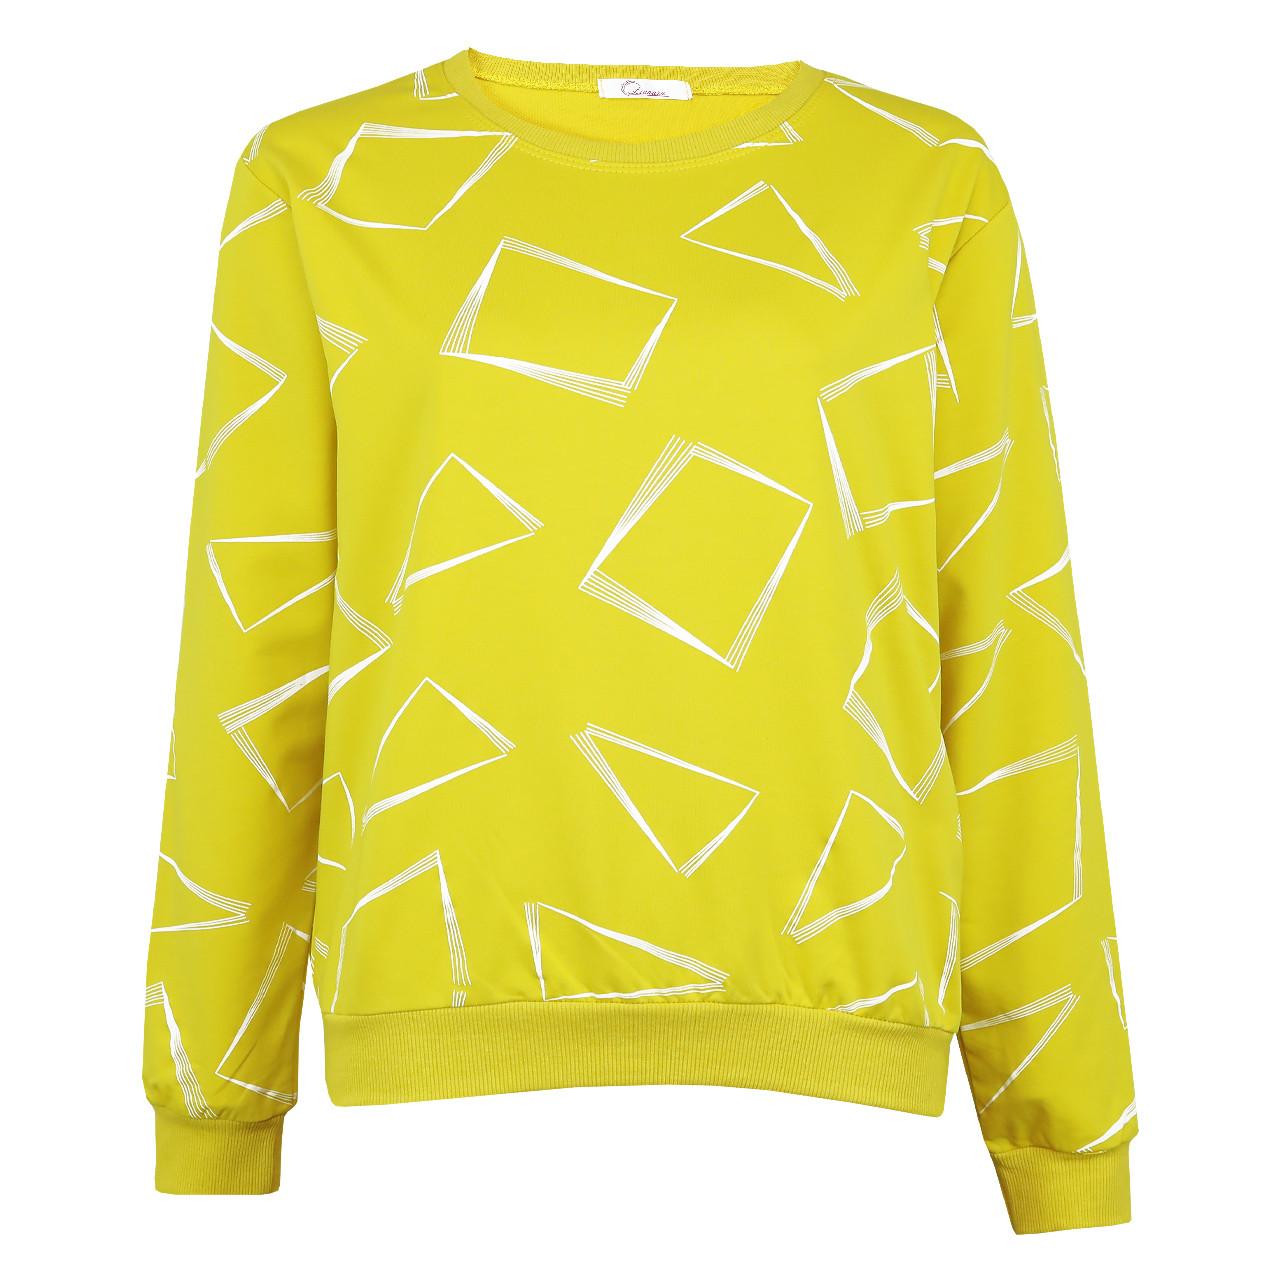 Кофта женская коттоновая желтая, стильный осенний свитшот